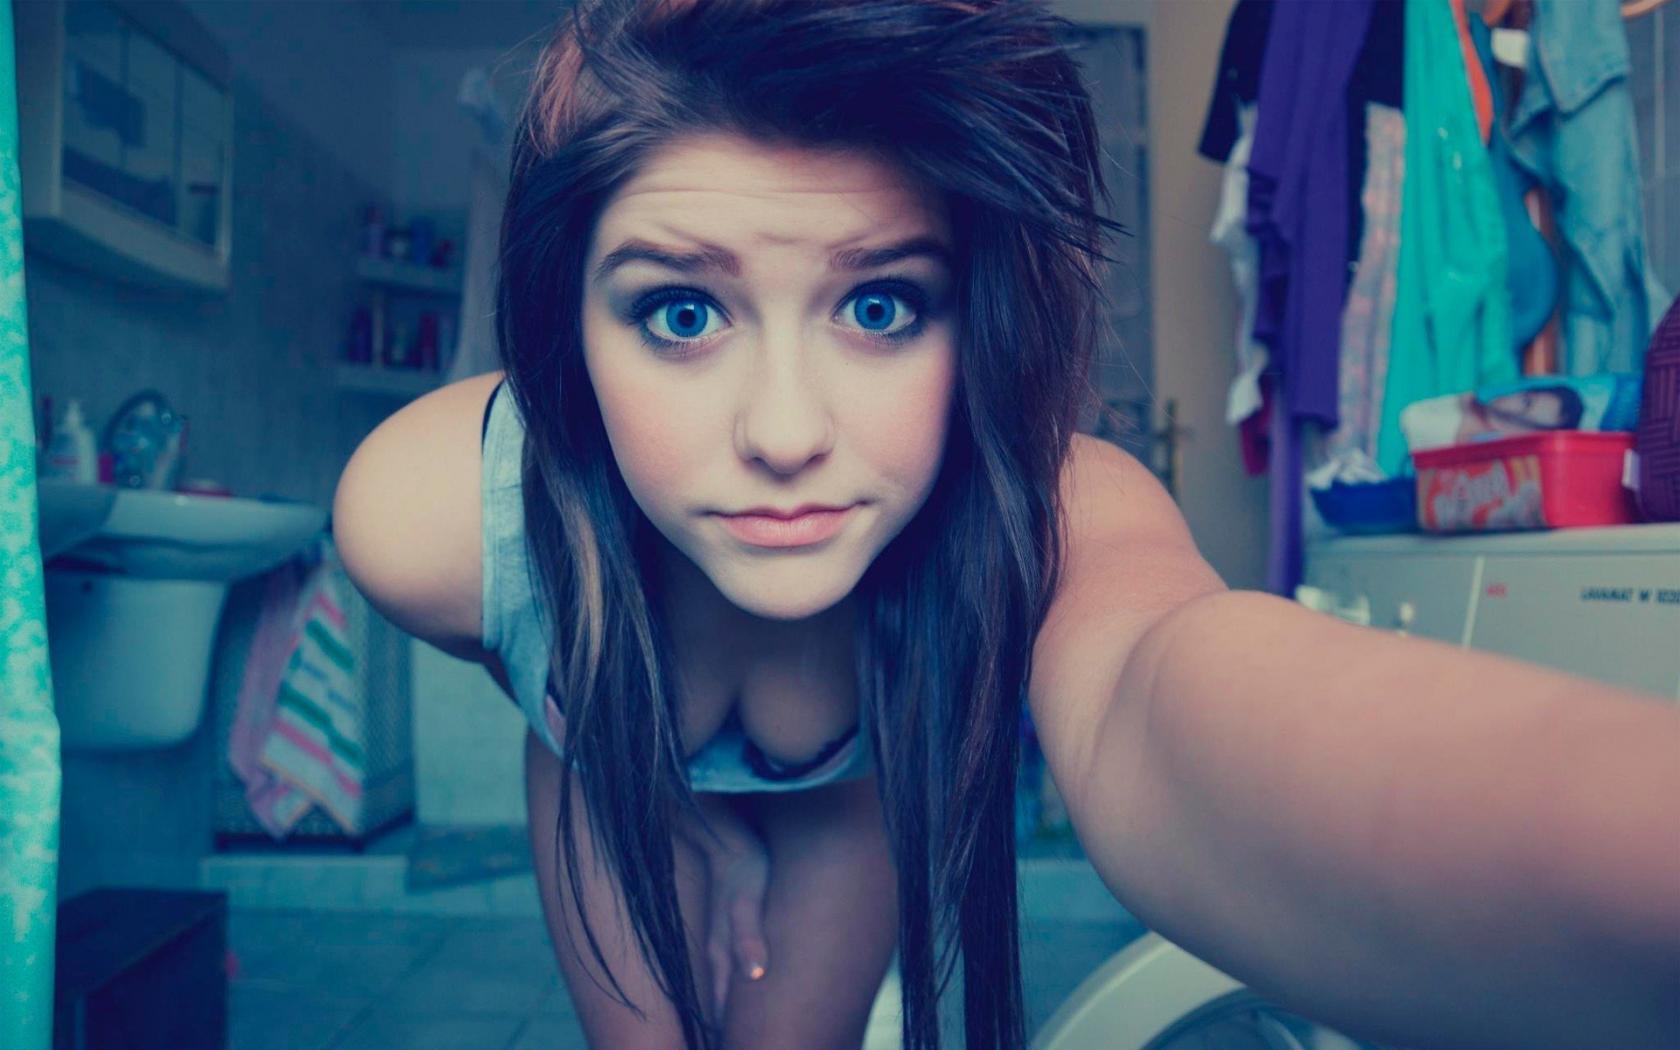 Cute teen girls